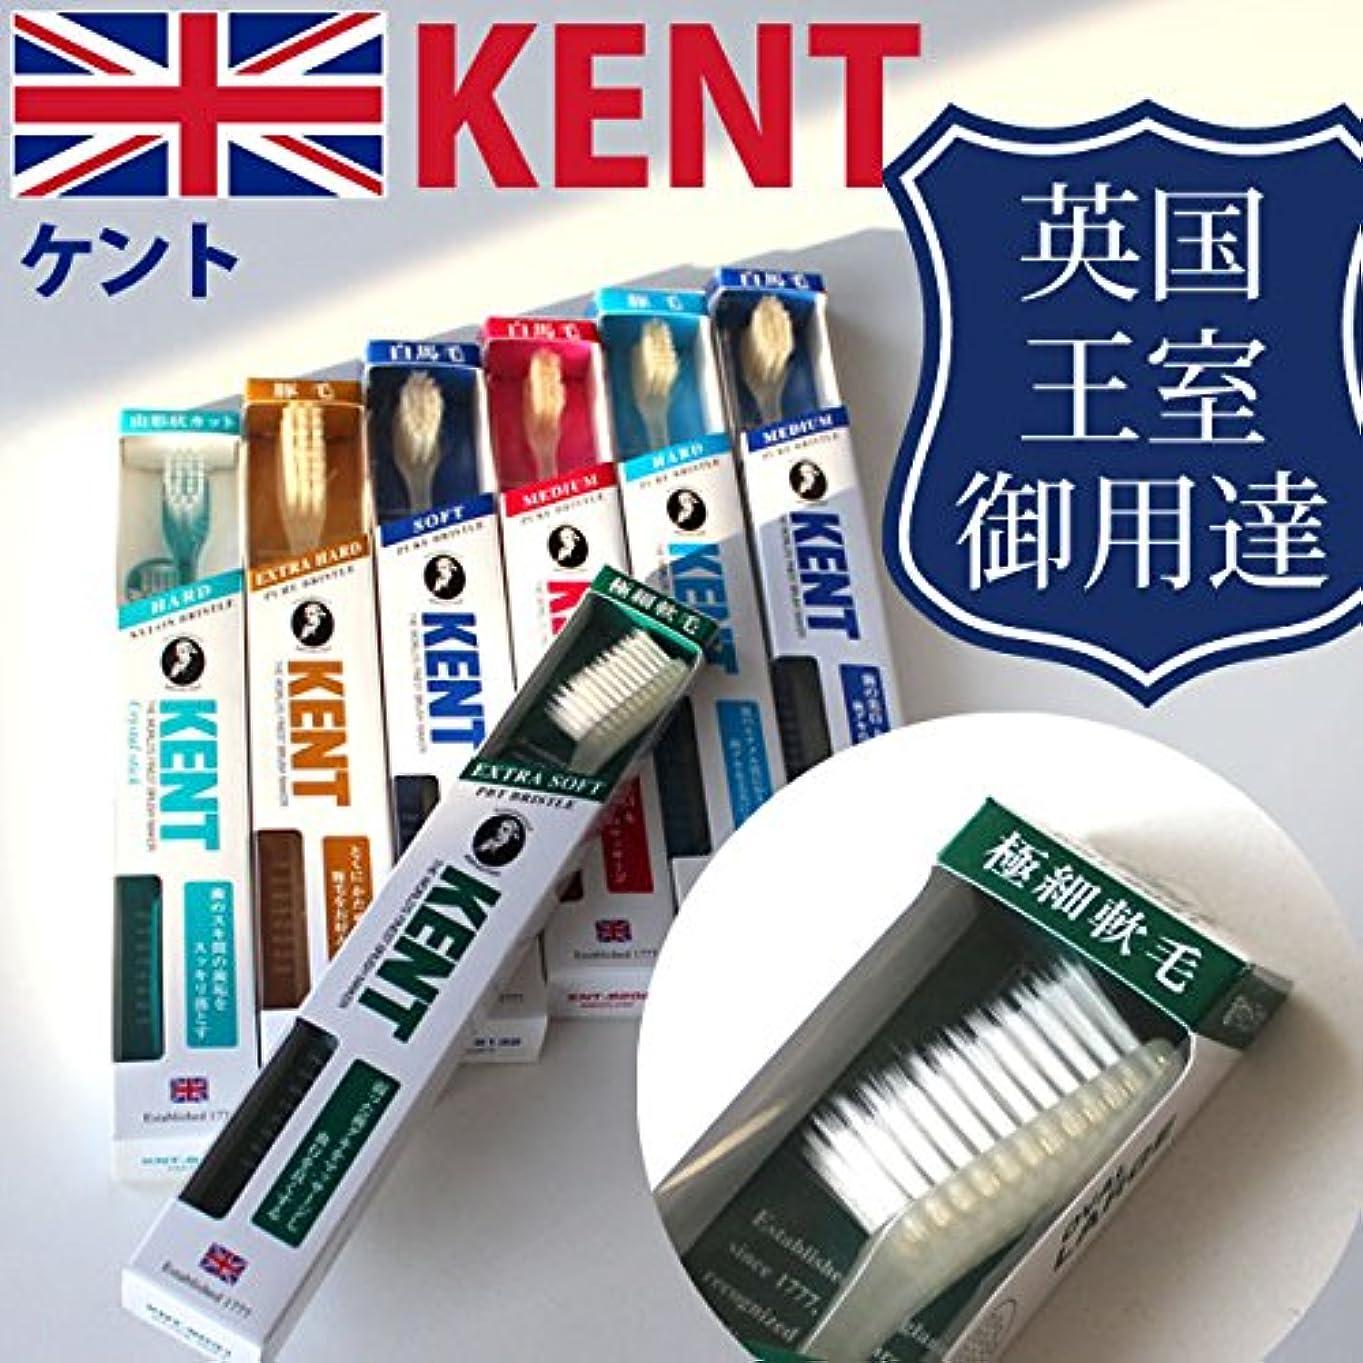 エンジニア生息地エジプト人ケント KENT オーバルラージヘッド極細軟毛/歯ブラシKNT-9031 超やわらかめ 6本入り